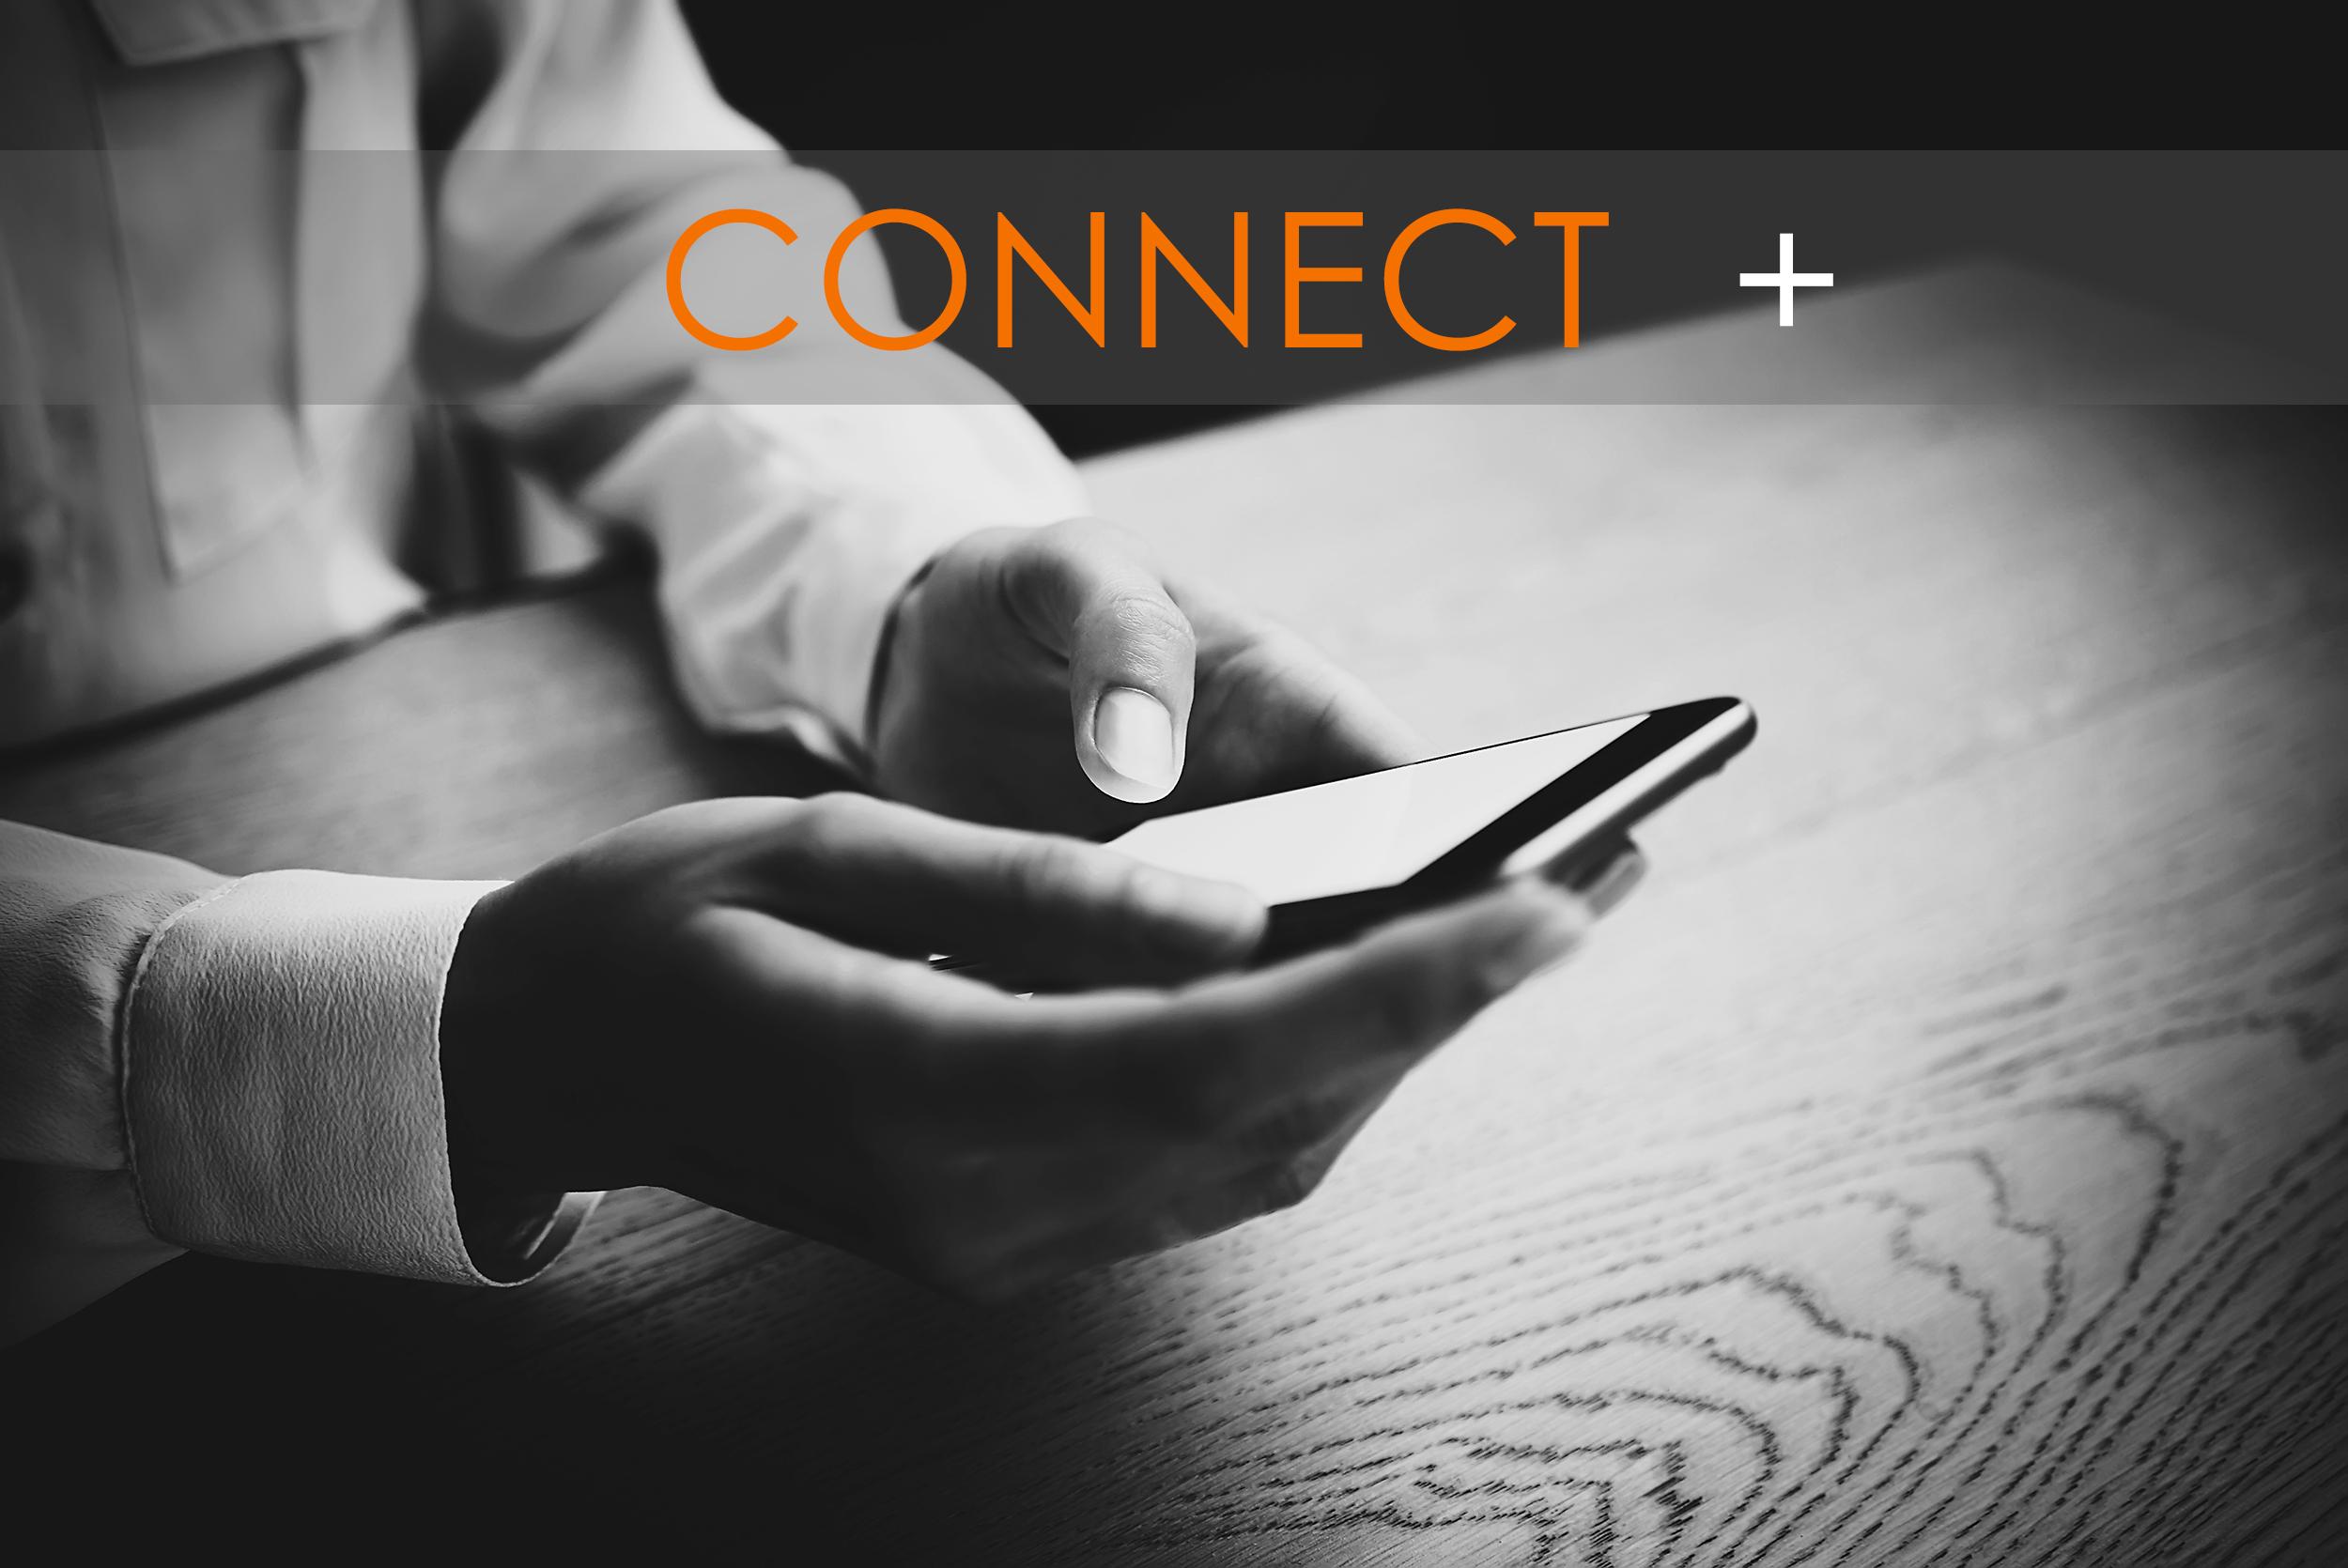 CC Connect